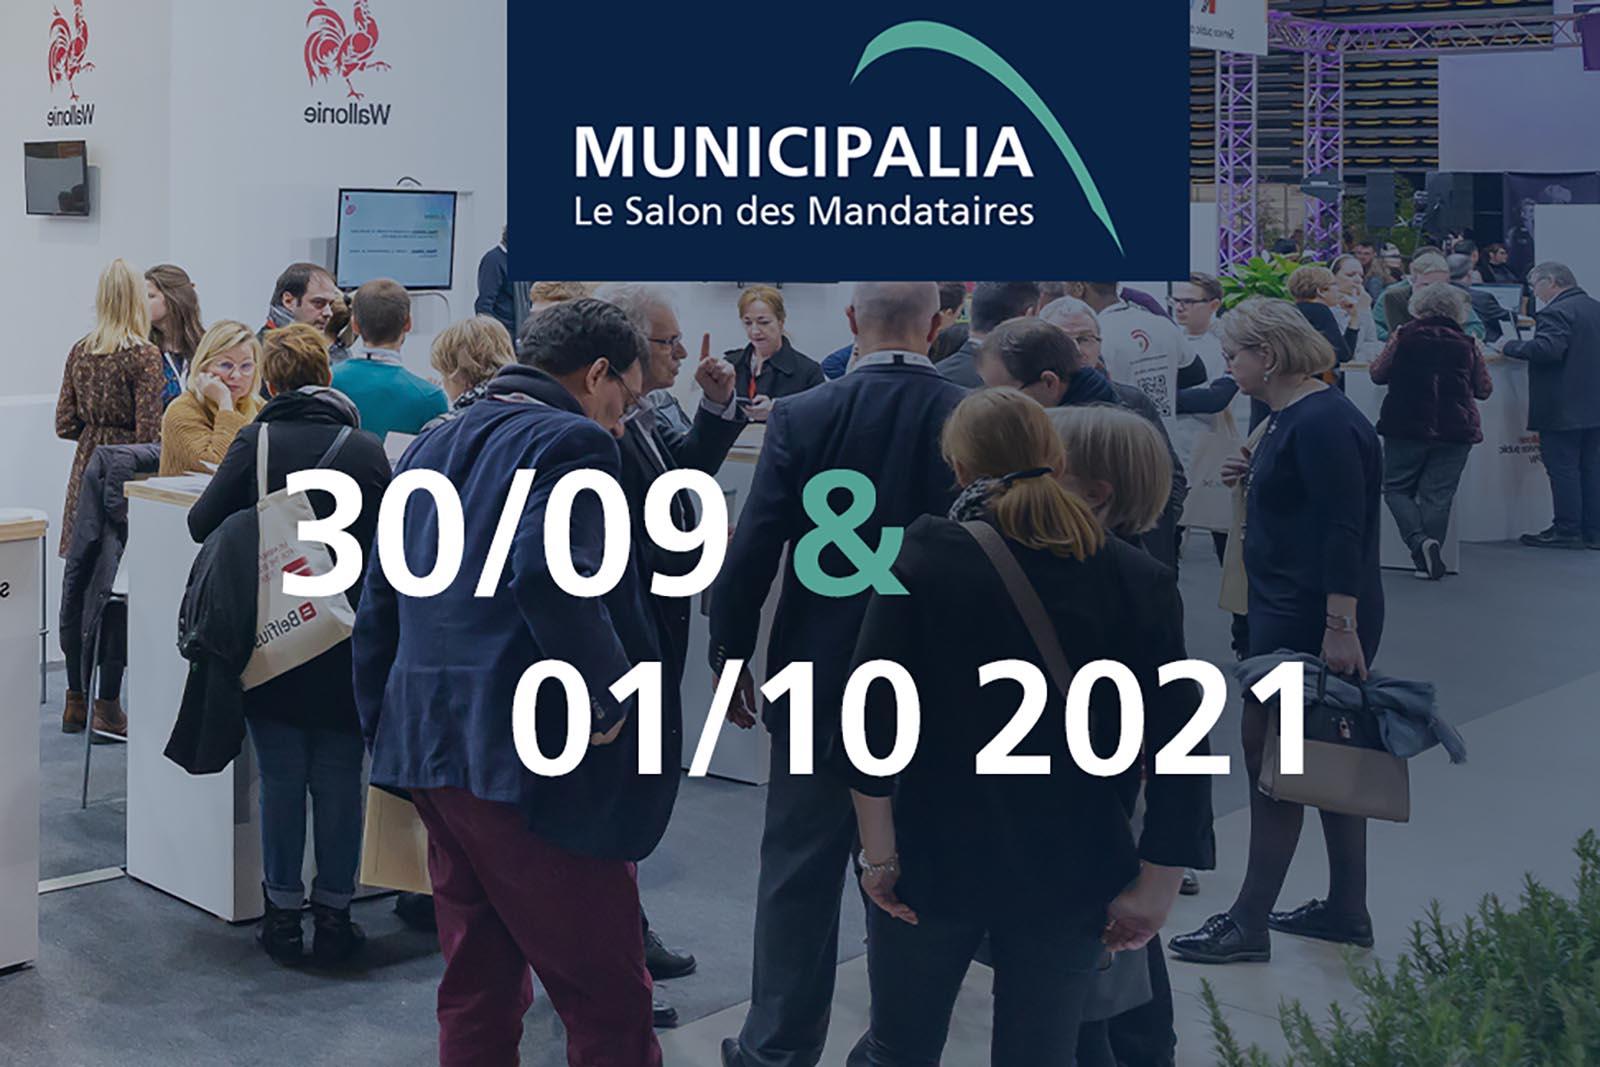 Municipalia – Salon des Mandataires à Marche-en-Famenne (30/09-01/10)